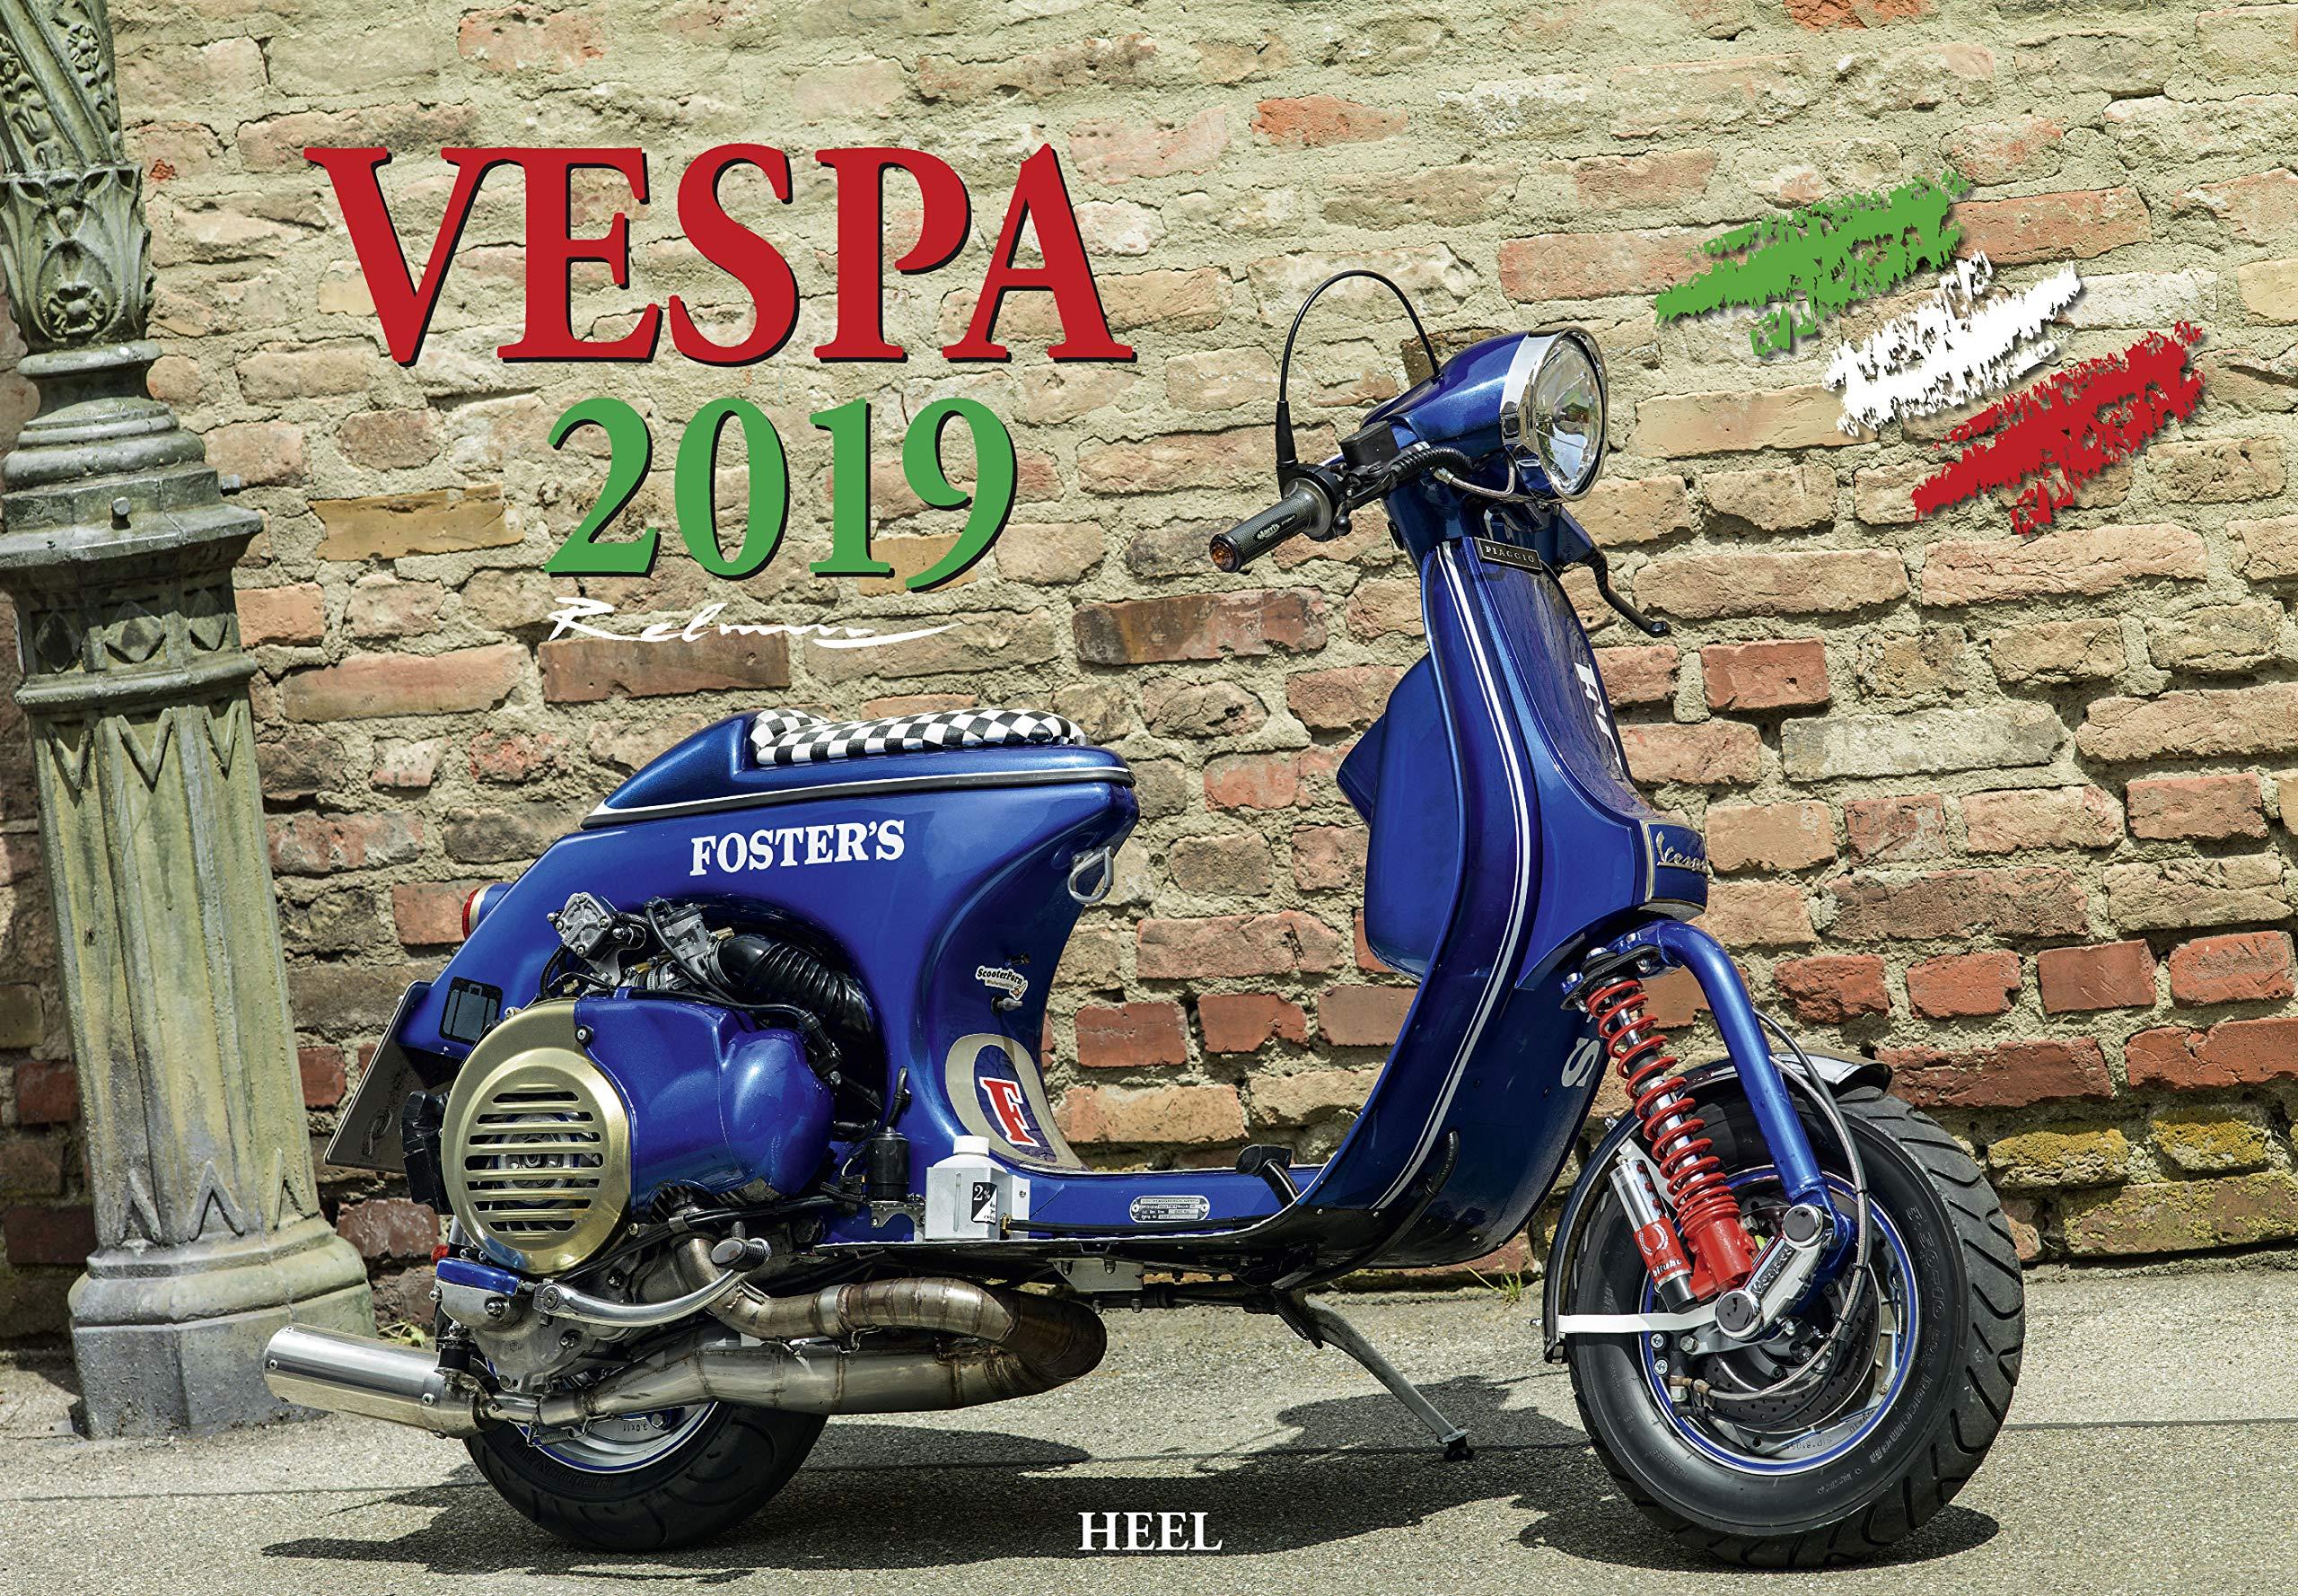 Calendario Vespa 2020.Vespa 2019 Italienischer Livestyle Auf Zwei Radern Amazon